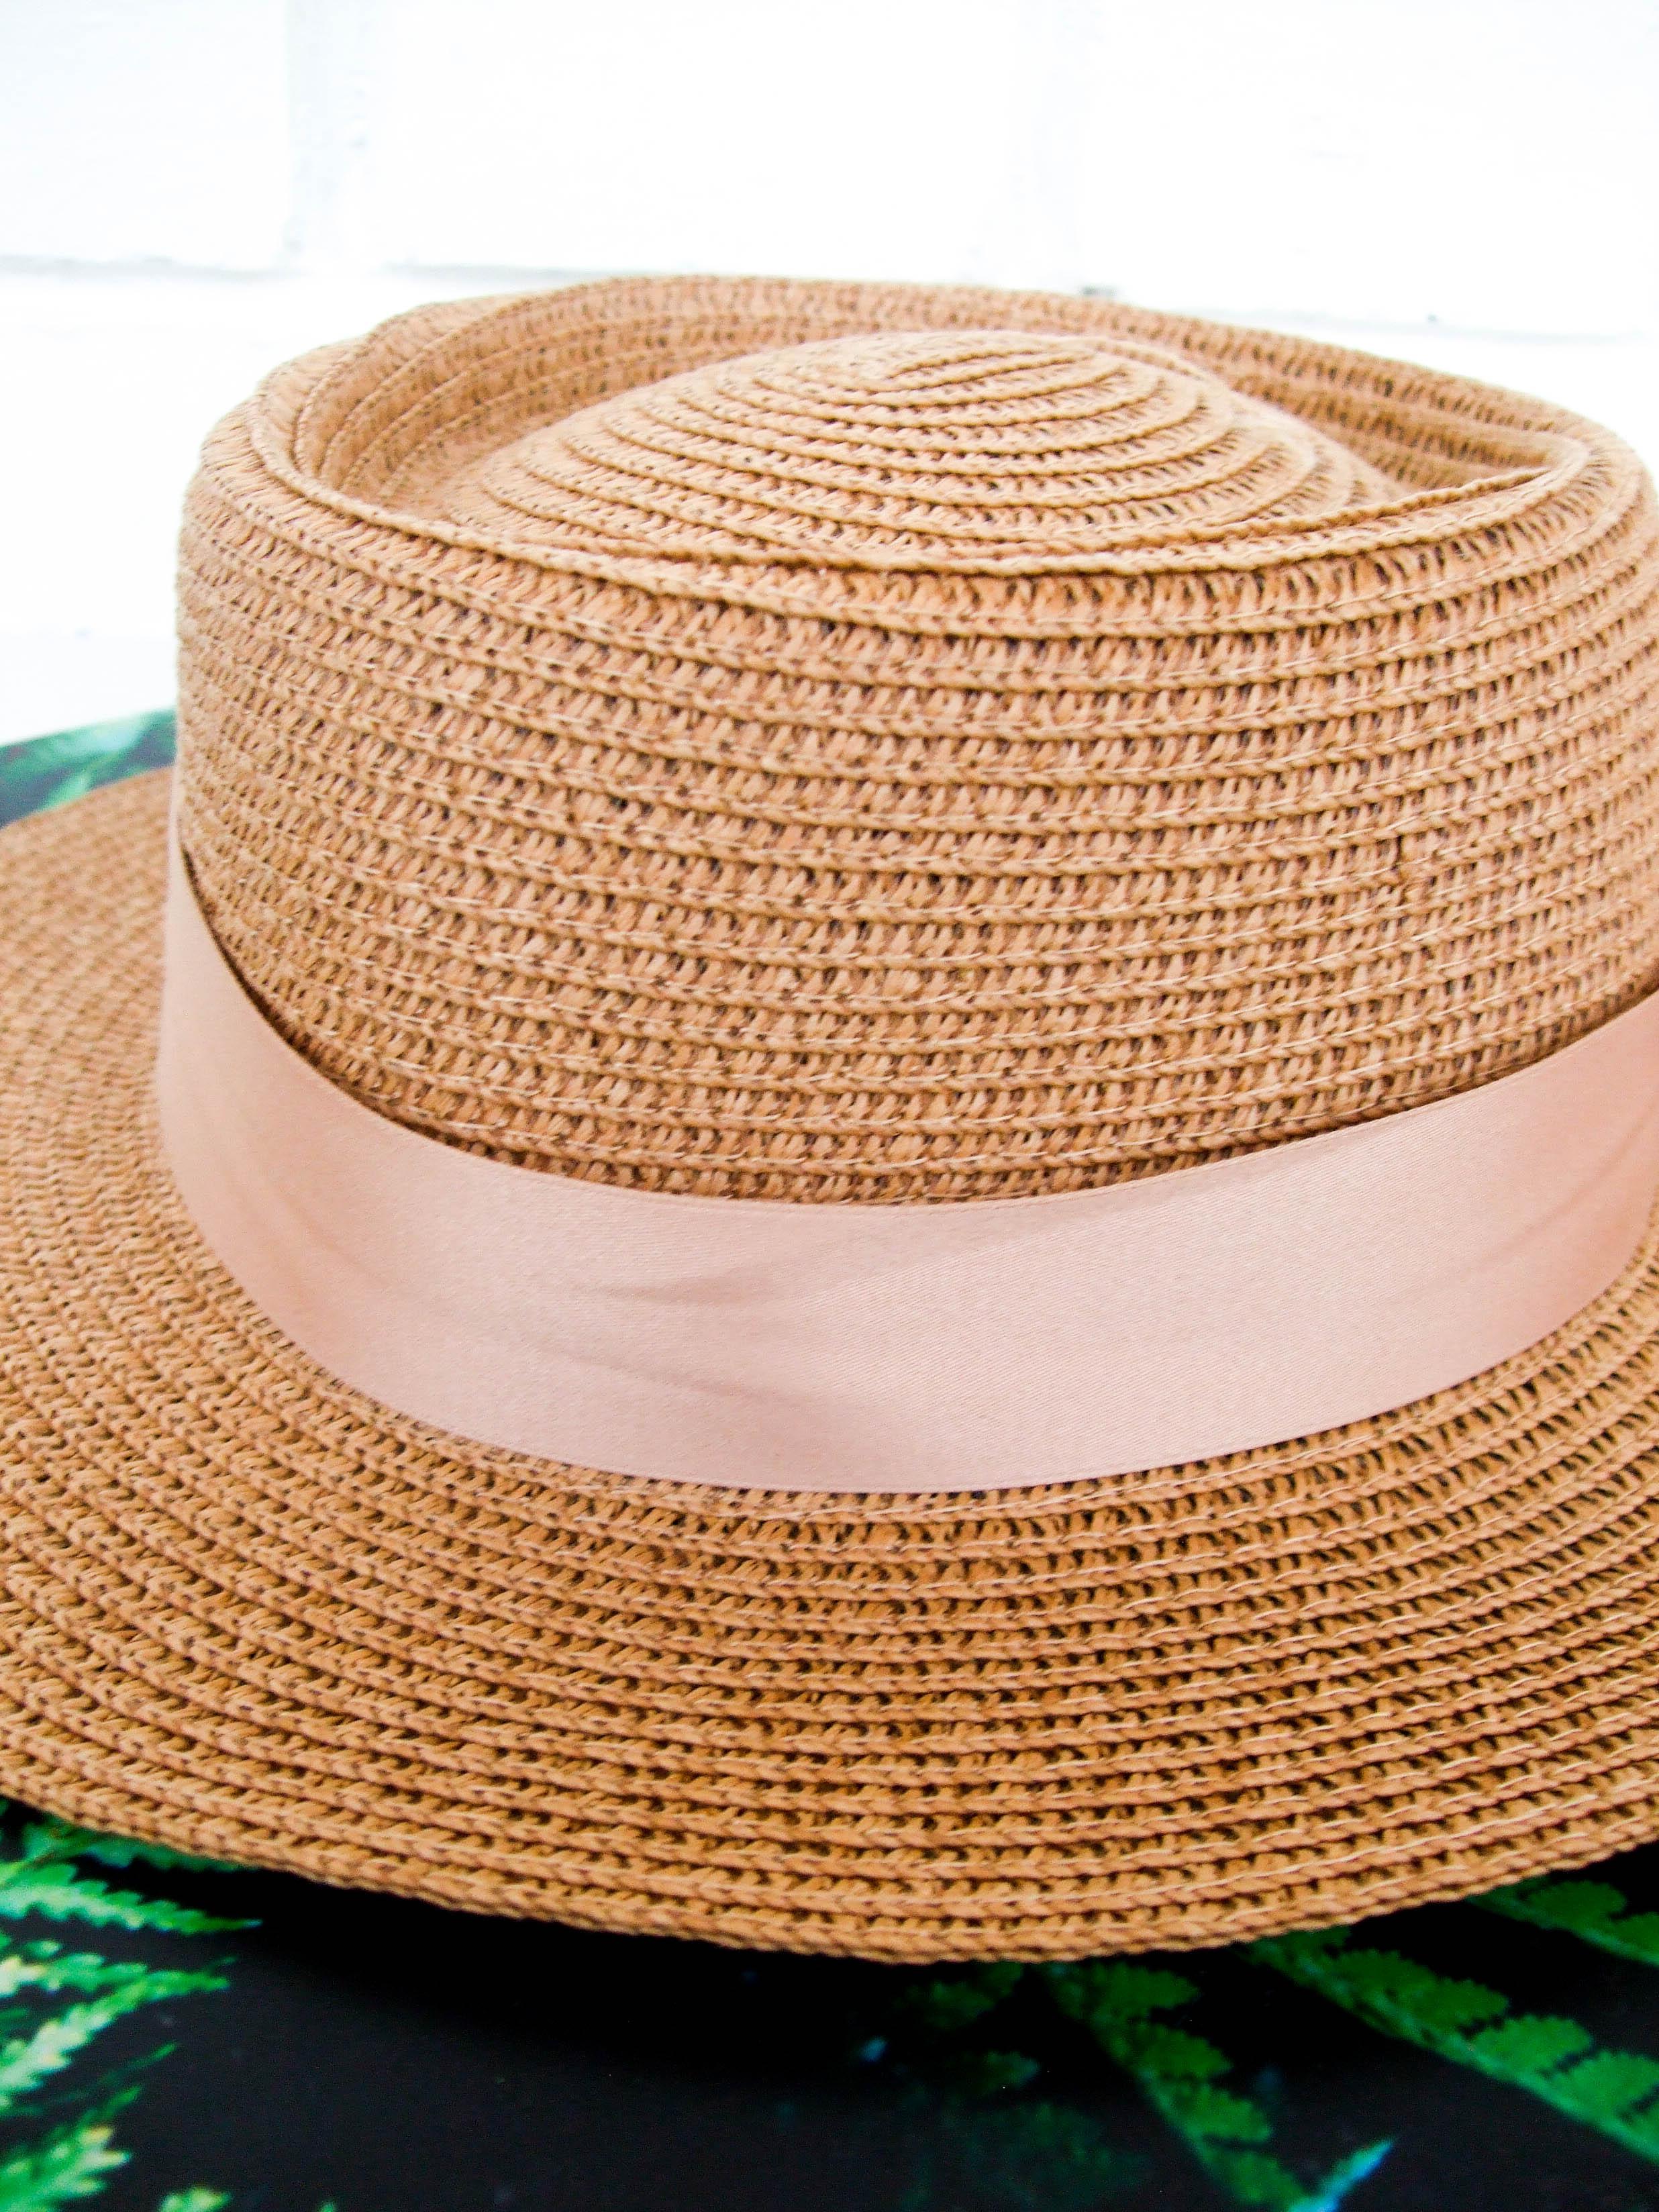 Шляпка с люверсами, которая очень понравилась - цена